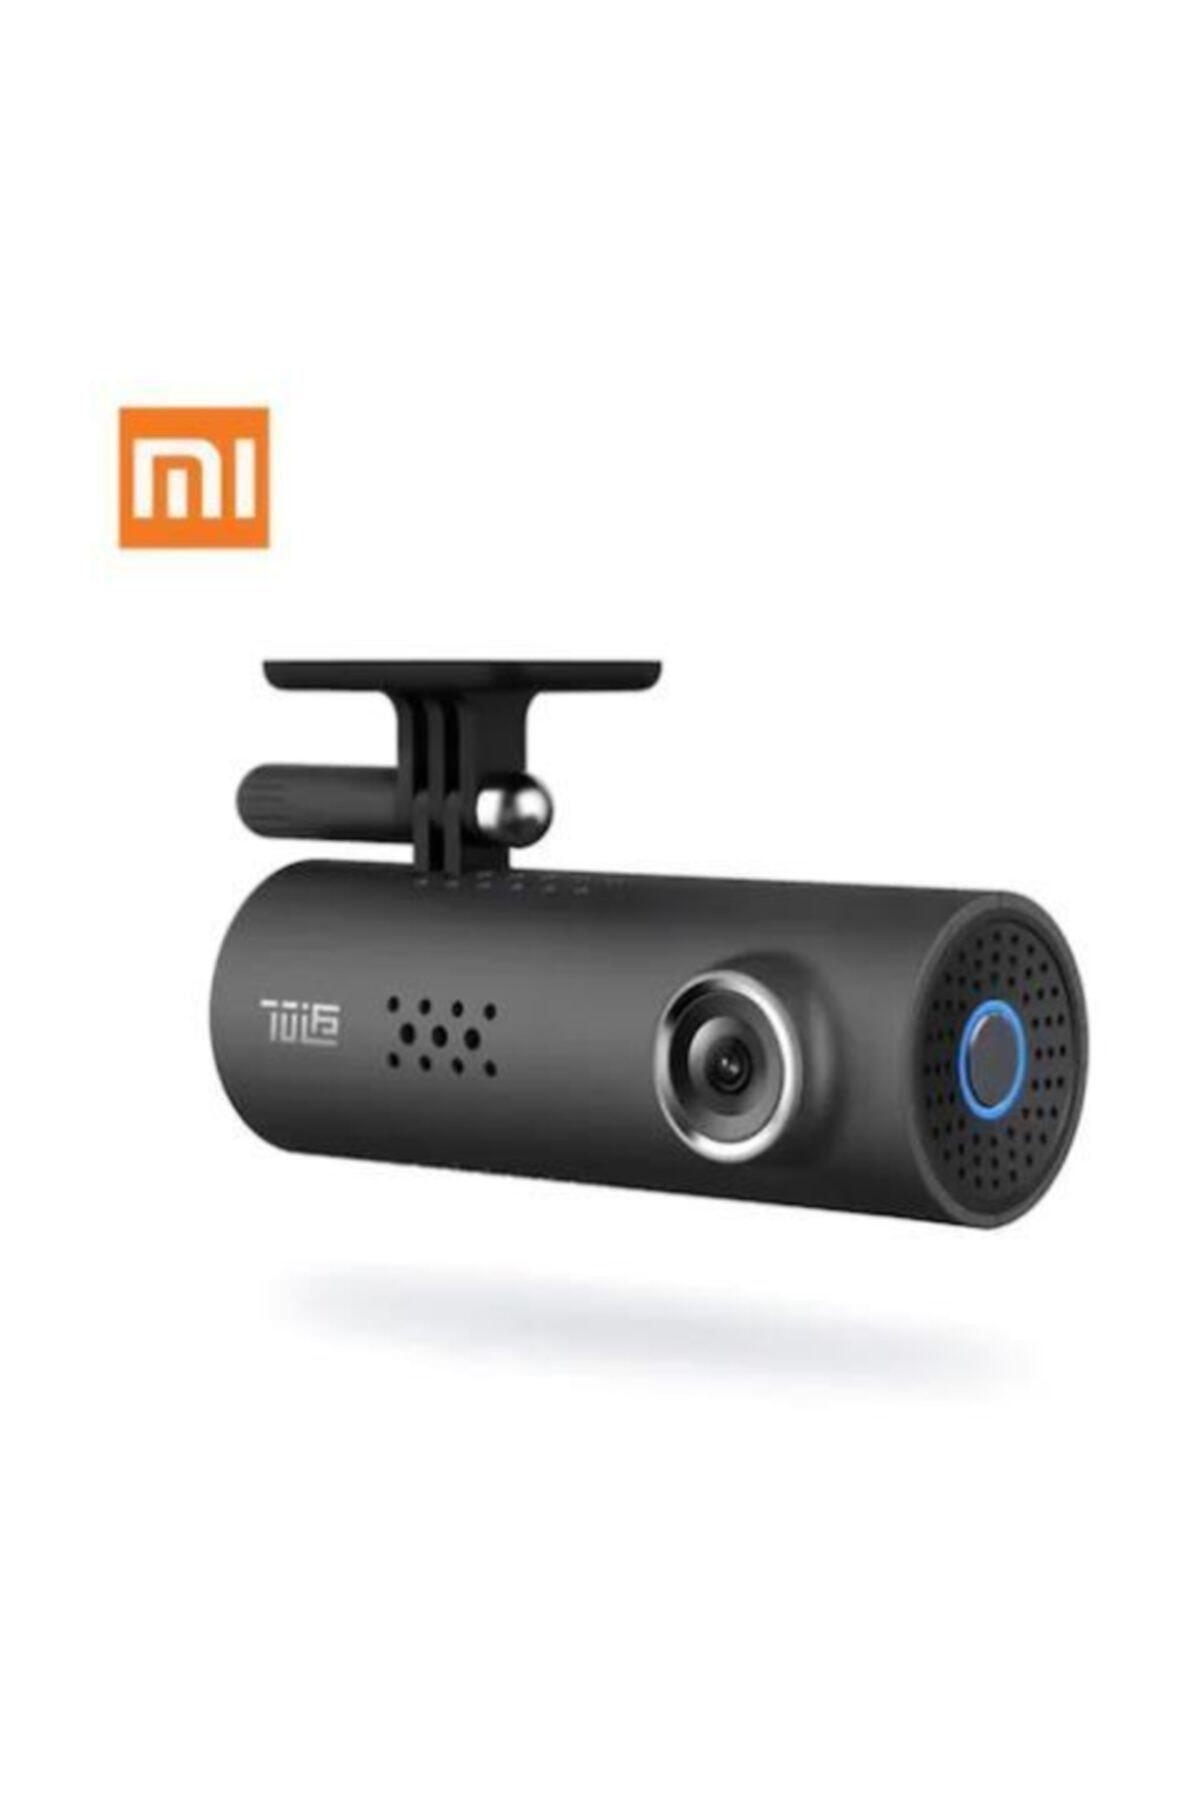 Xiaomi Mi 70Mai Akıllı Araç İçi Kamera Mi Drive 70mai D06 1s Wifi Araç Kamerası Yeni Nesil 1080p 1